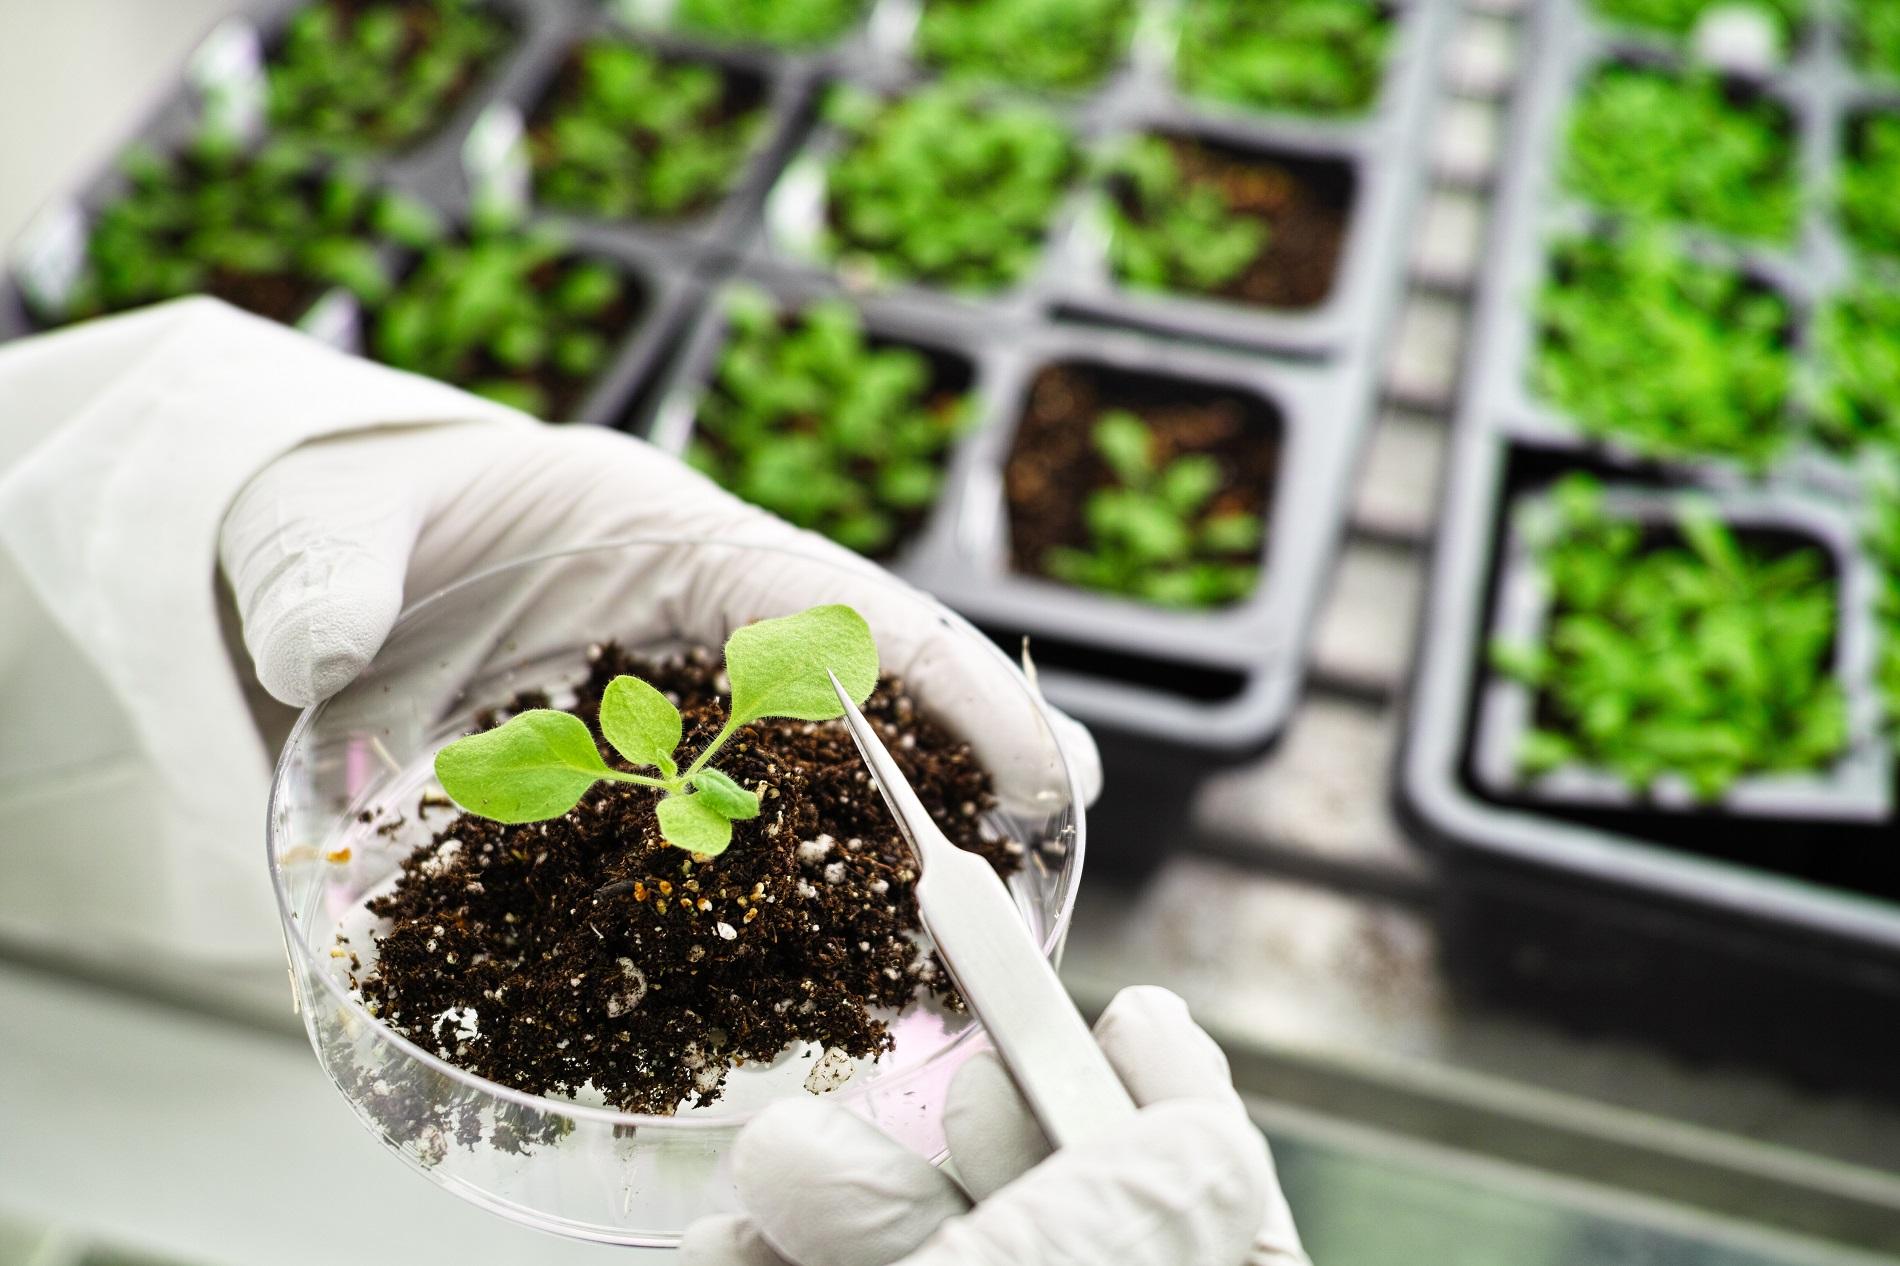 La biotecnología vegetal como prioridad para un futuro sostenible de la agricultura